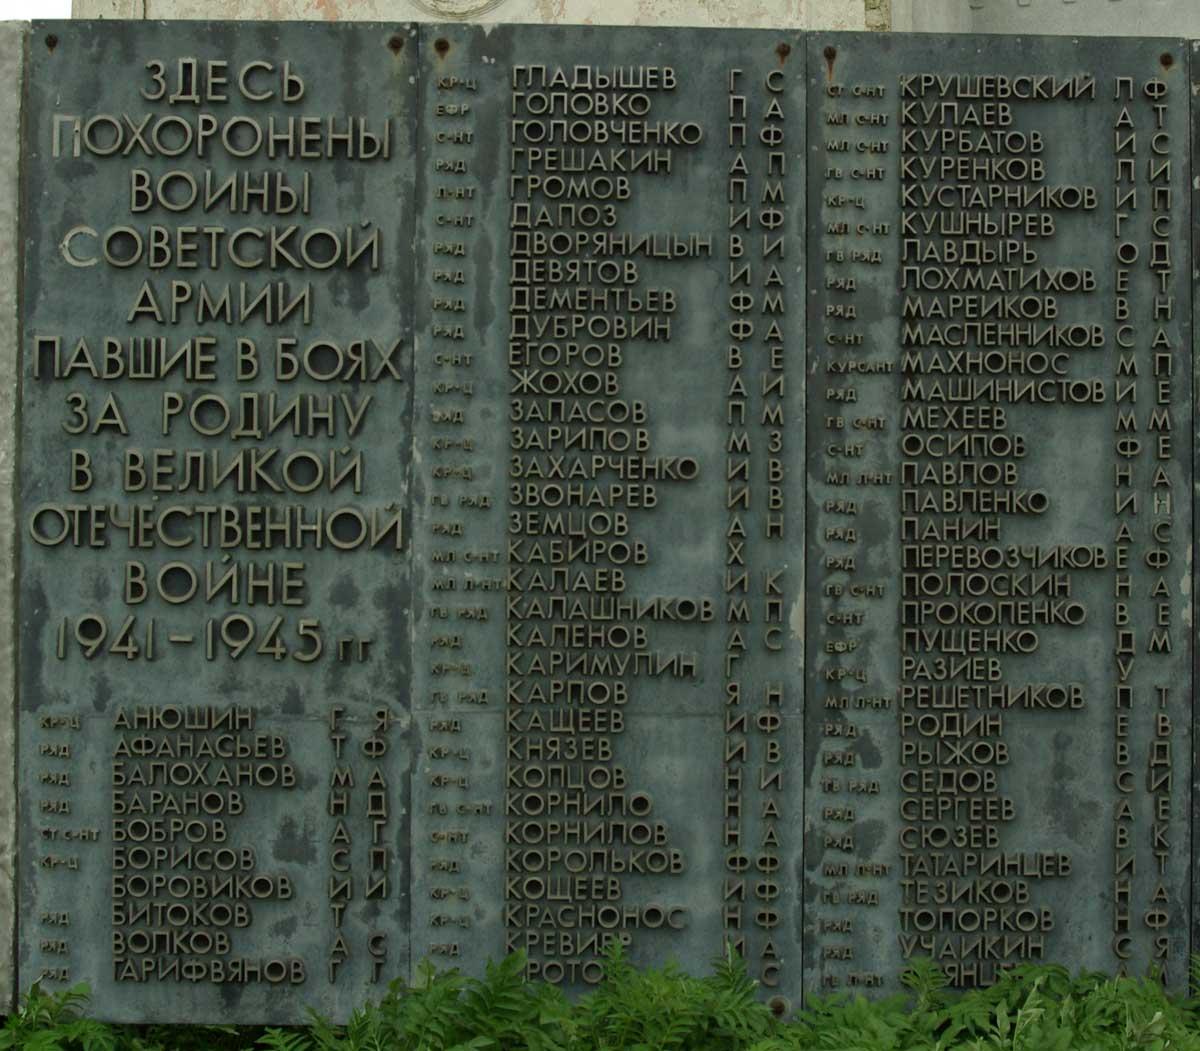 Братская могила в деревне кондакопшино